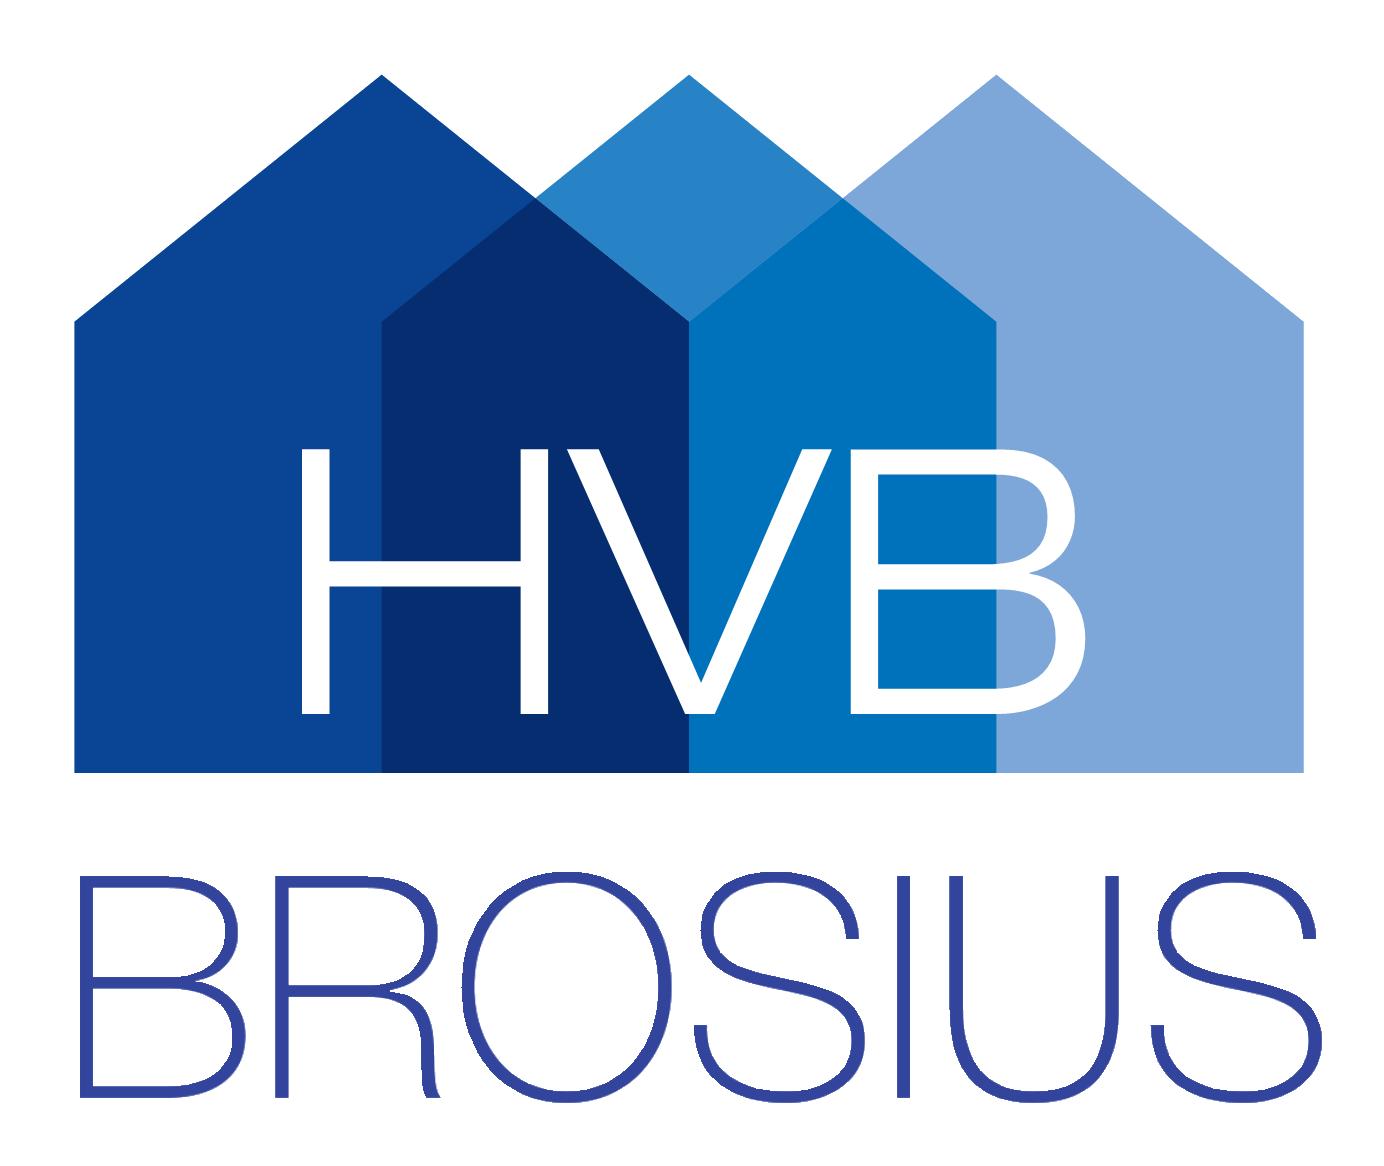 HVB Brosius